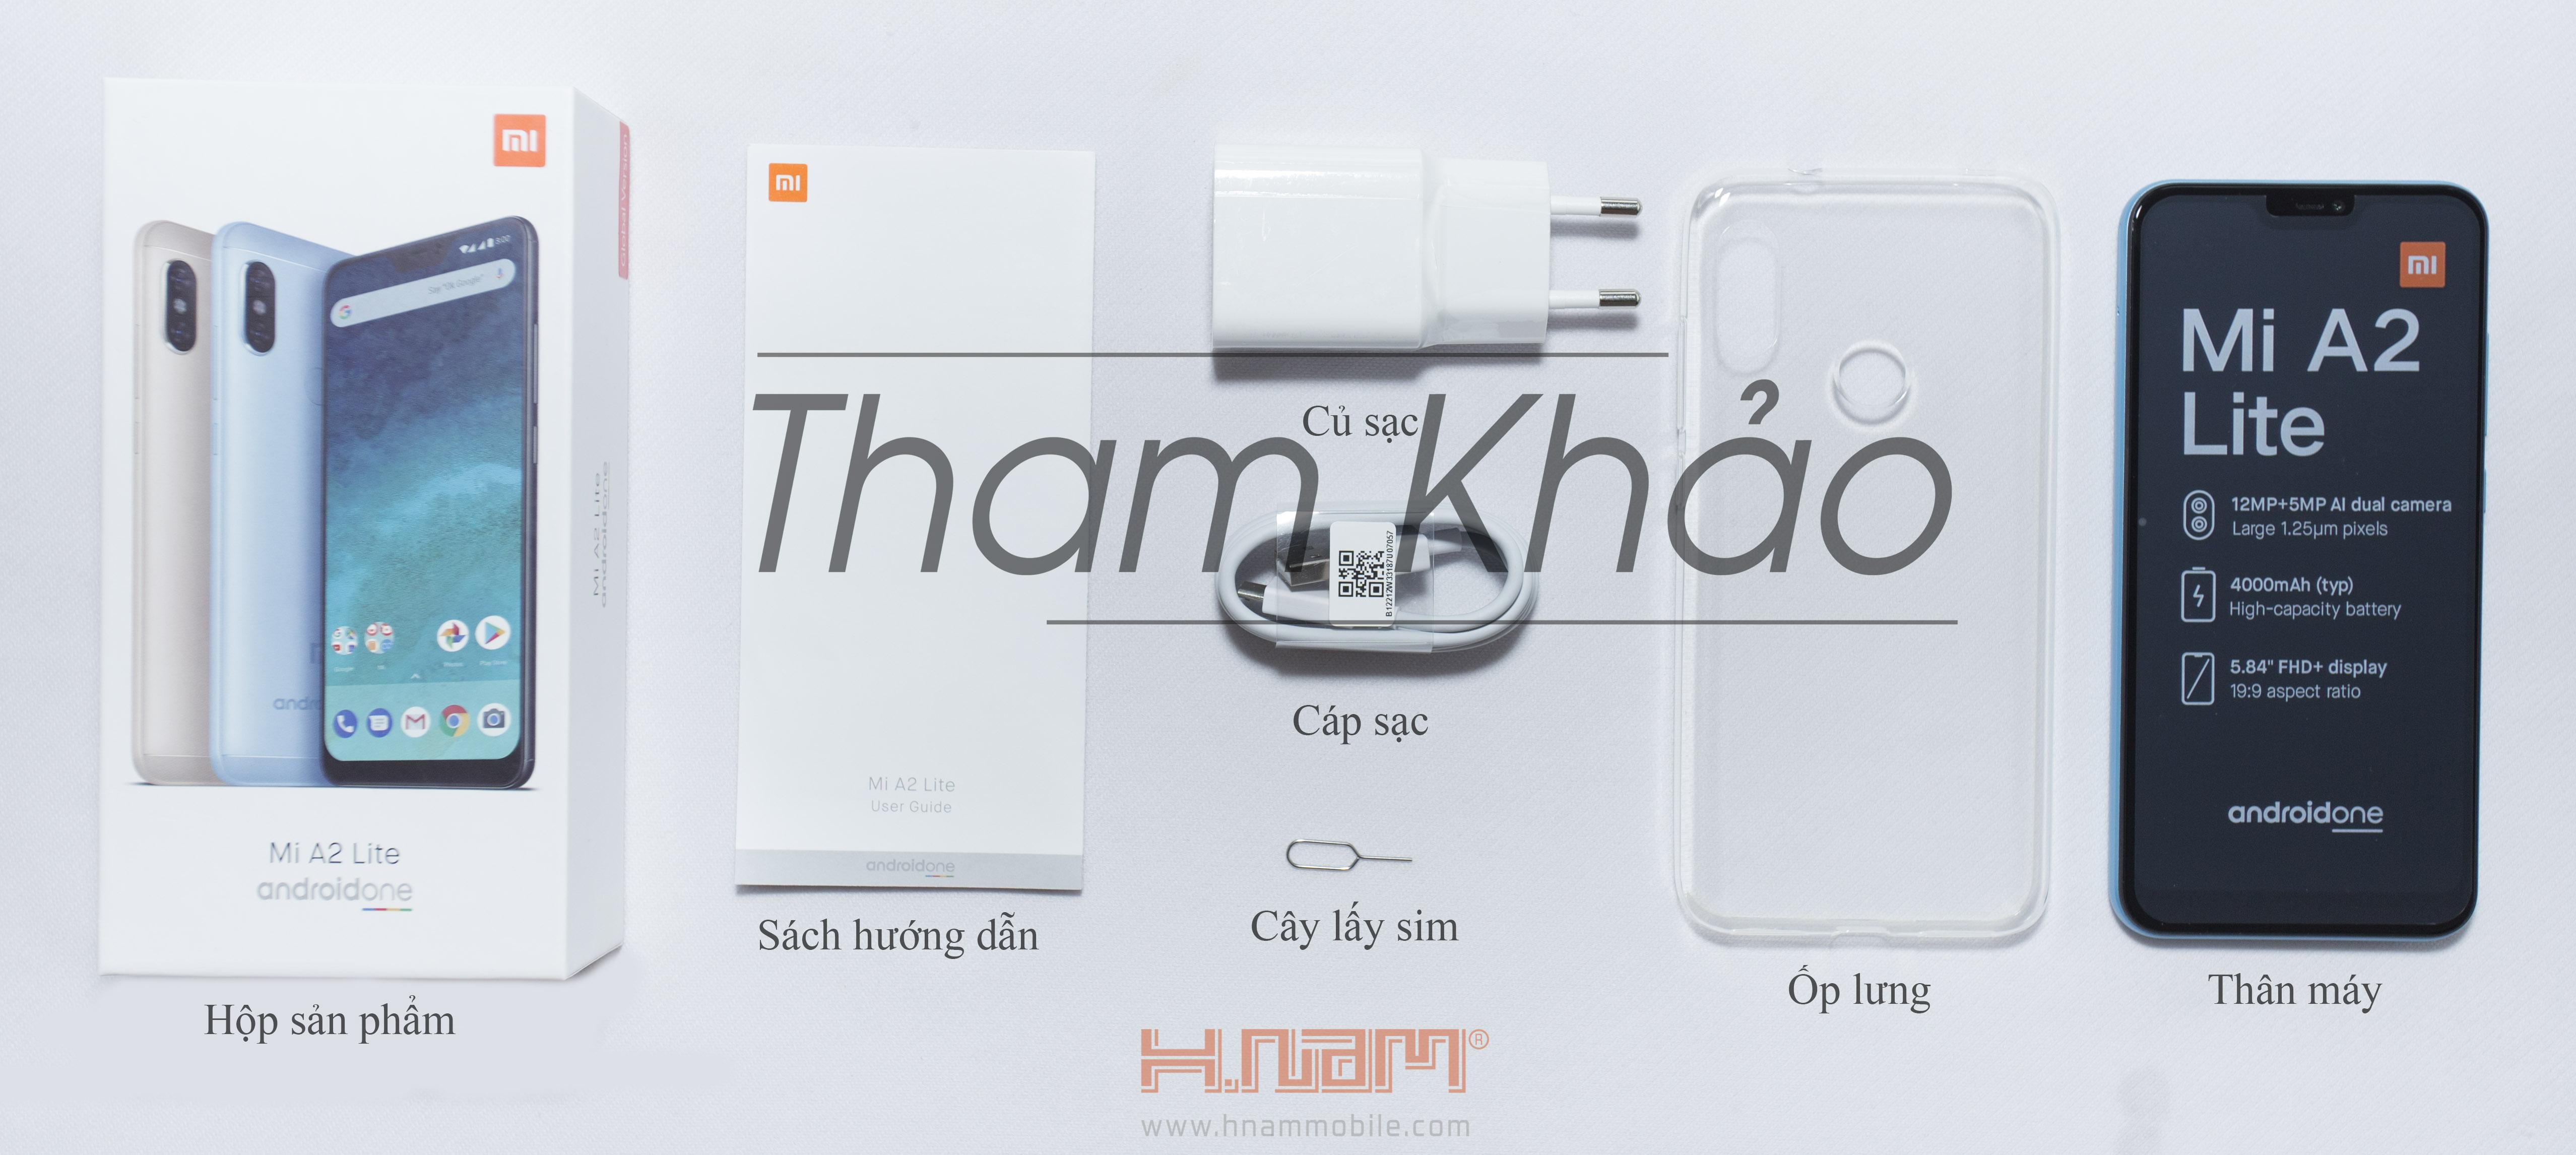 Xiaomi Mi A2 Lite 64Gb Ram 4Gb hình sản phẩm 0